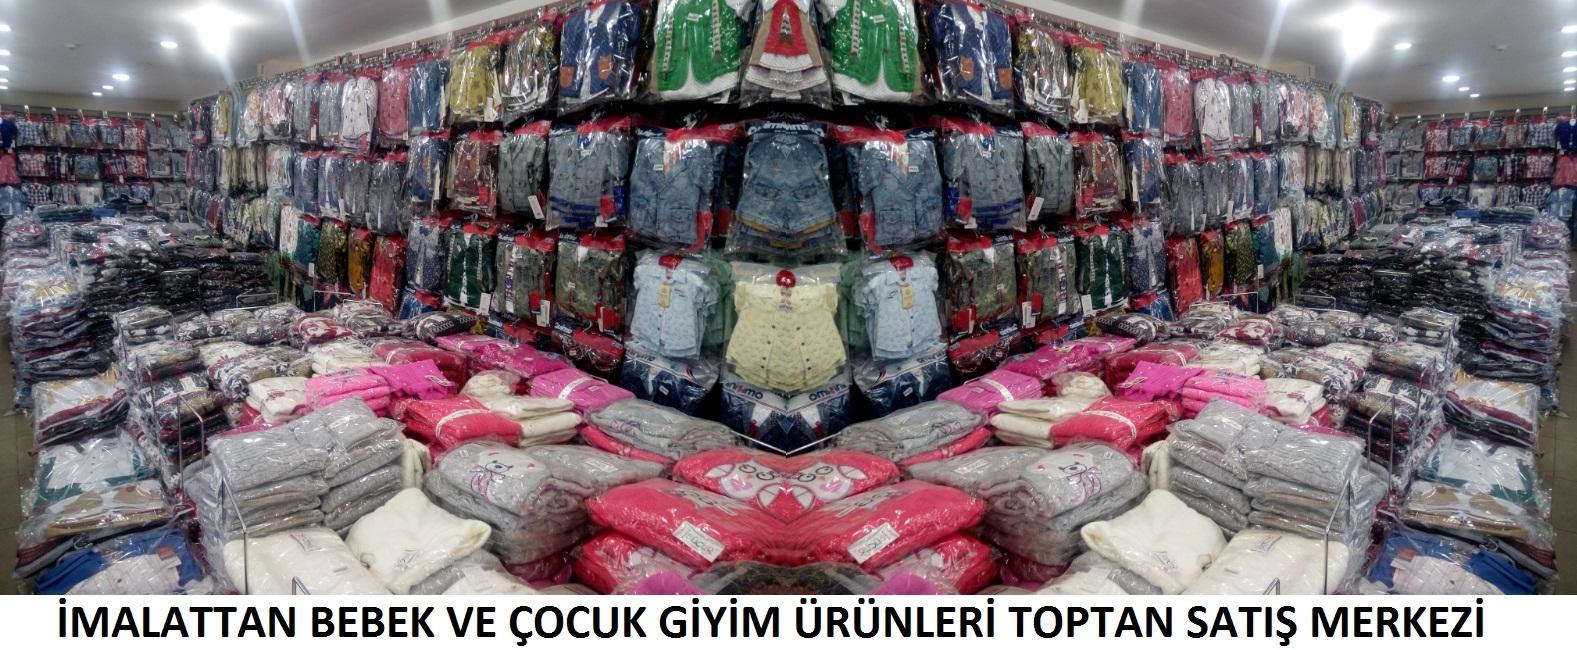 cc005b941d10e ... Firmaları - İstanbul şehrinde Tekstil sektöründe faaliyet gösteren 2017  yılında istoç Merter'de hizmete açılan firmamız toptan ve perakende satış